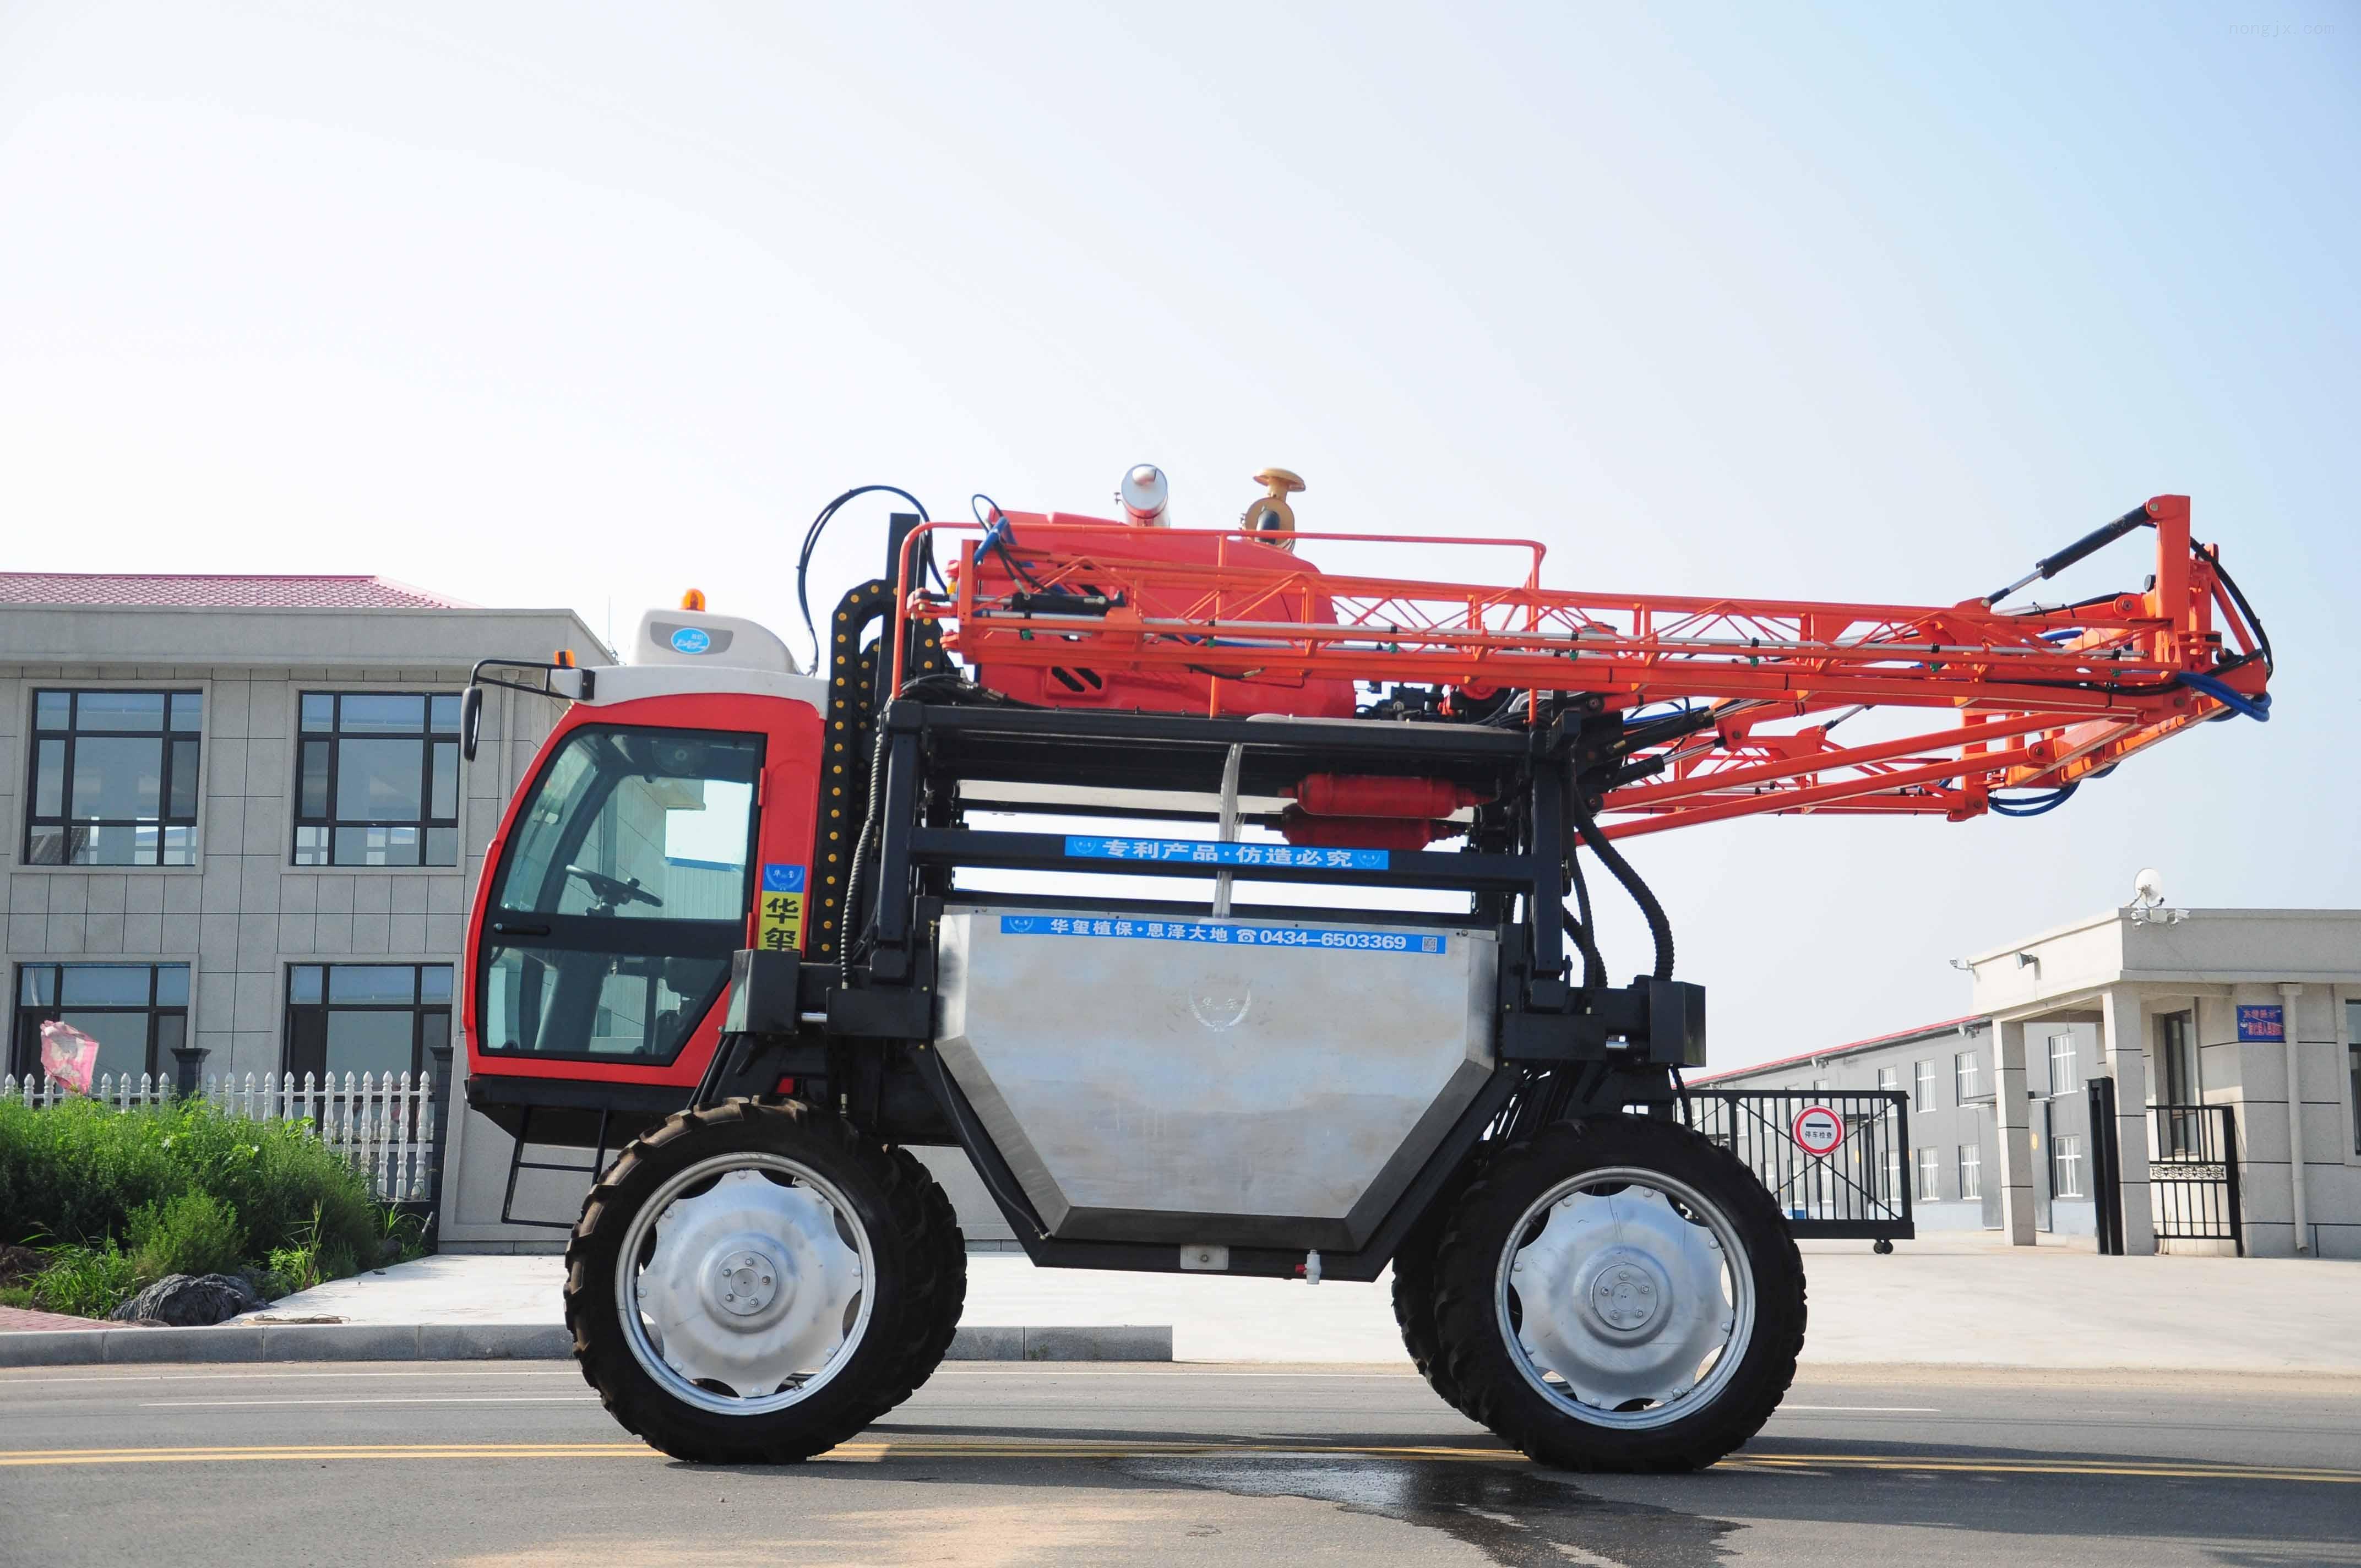 华玺高架农业机械玉米喷药机大型自走式玉米打药机厂家